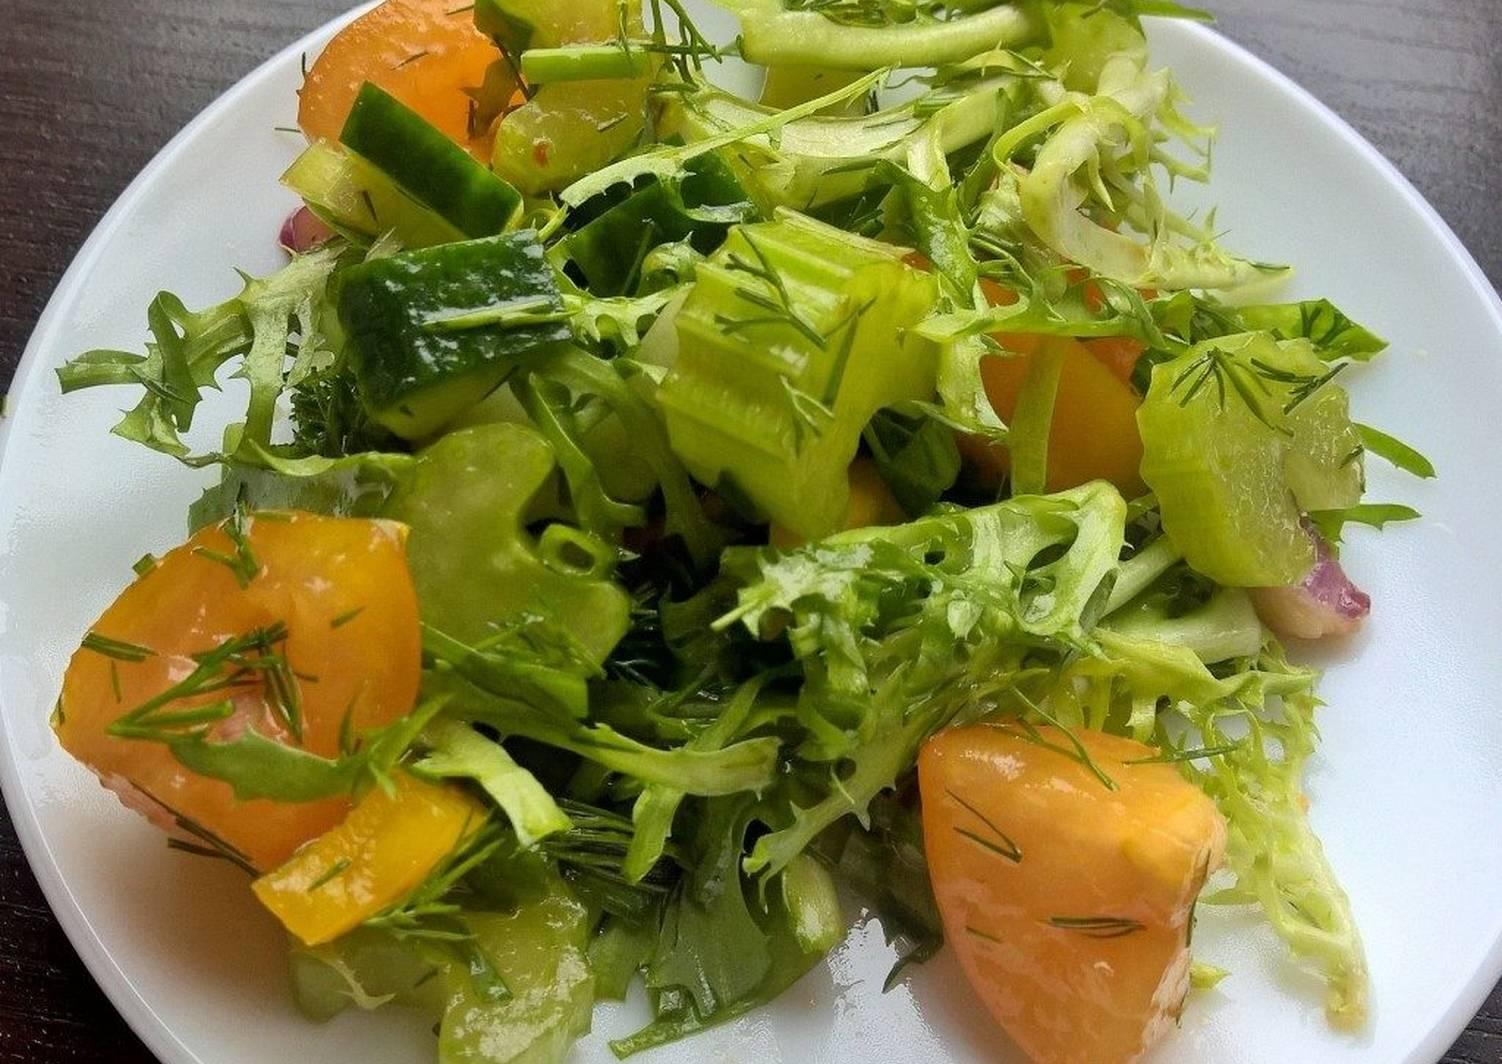 интересных рецепты любимых салатов с фото путешествует миру, делится